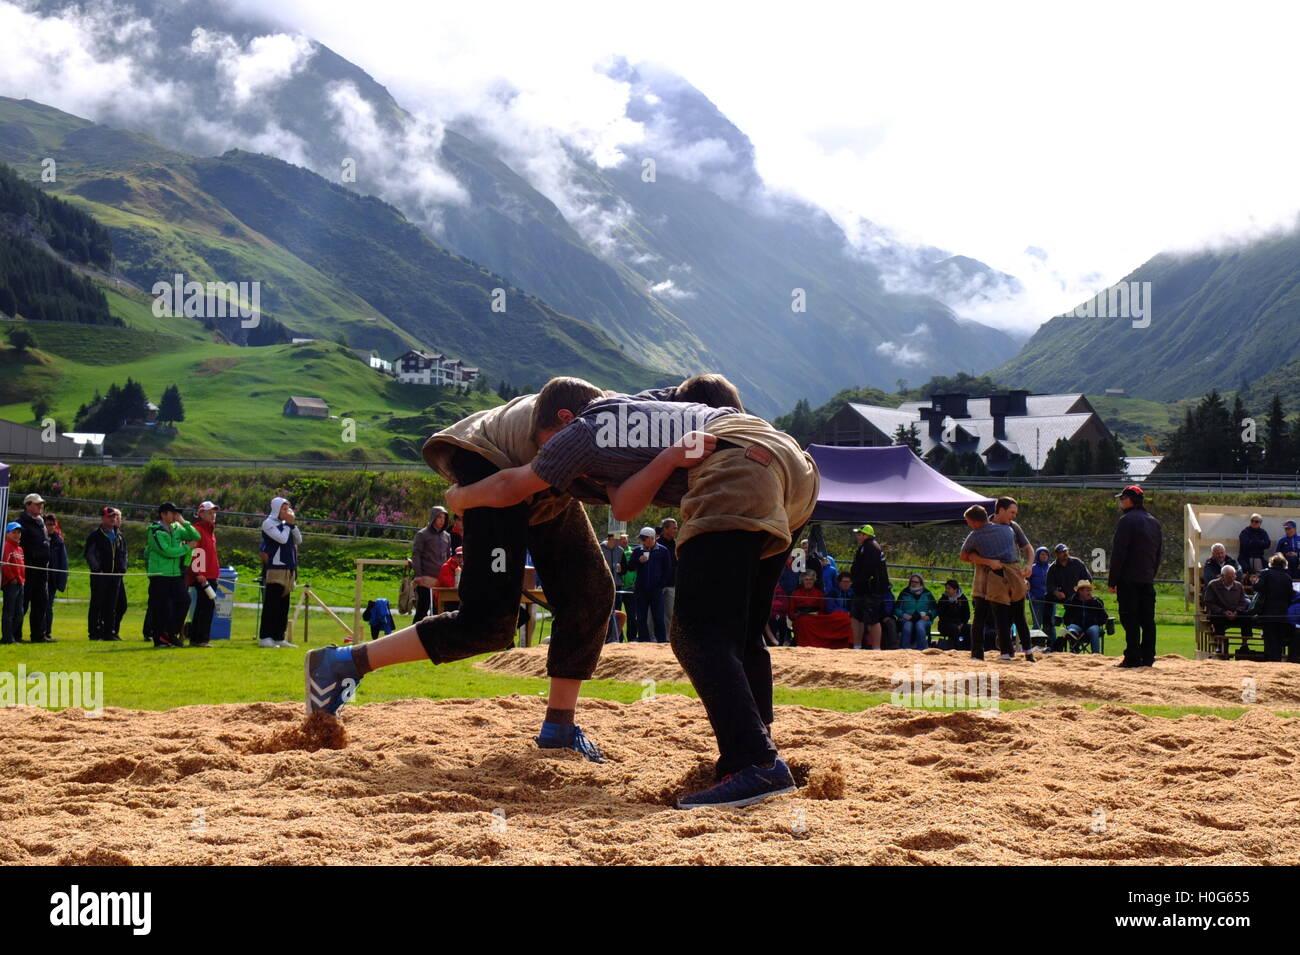 Lucha tradicional suizo Imagen De Stock